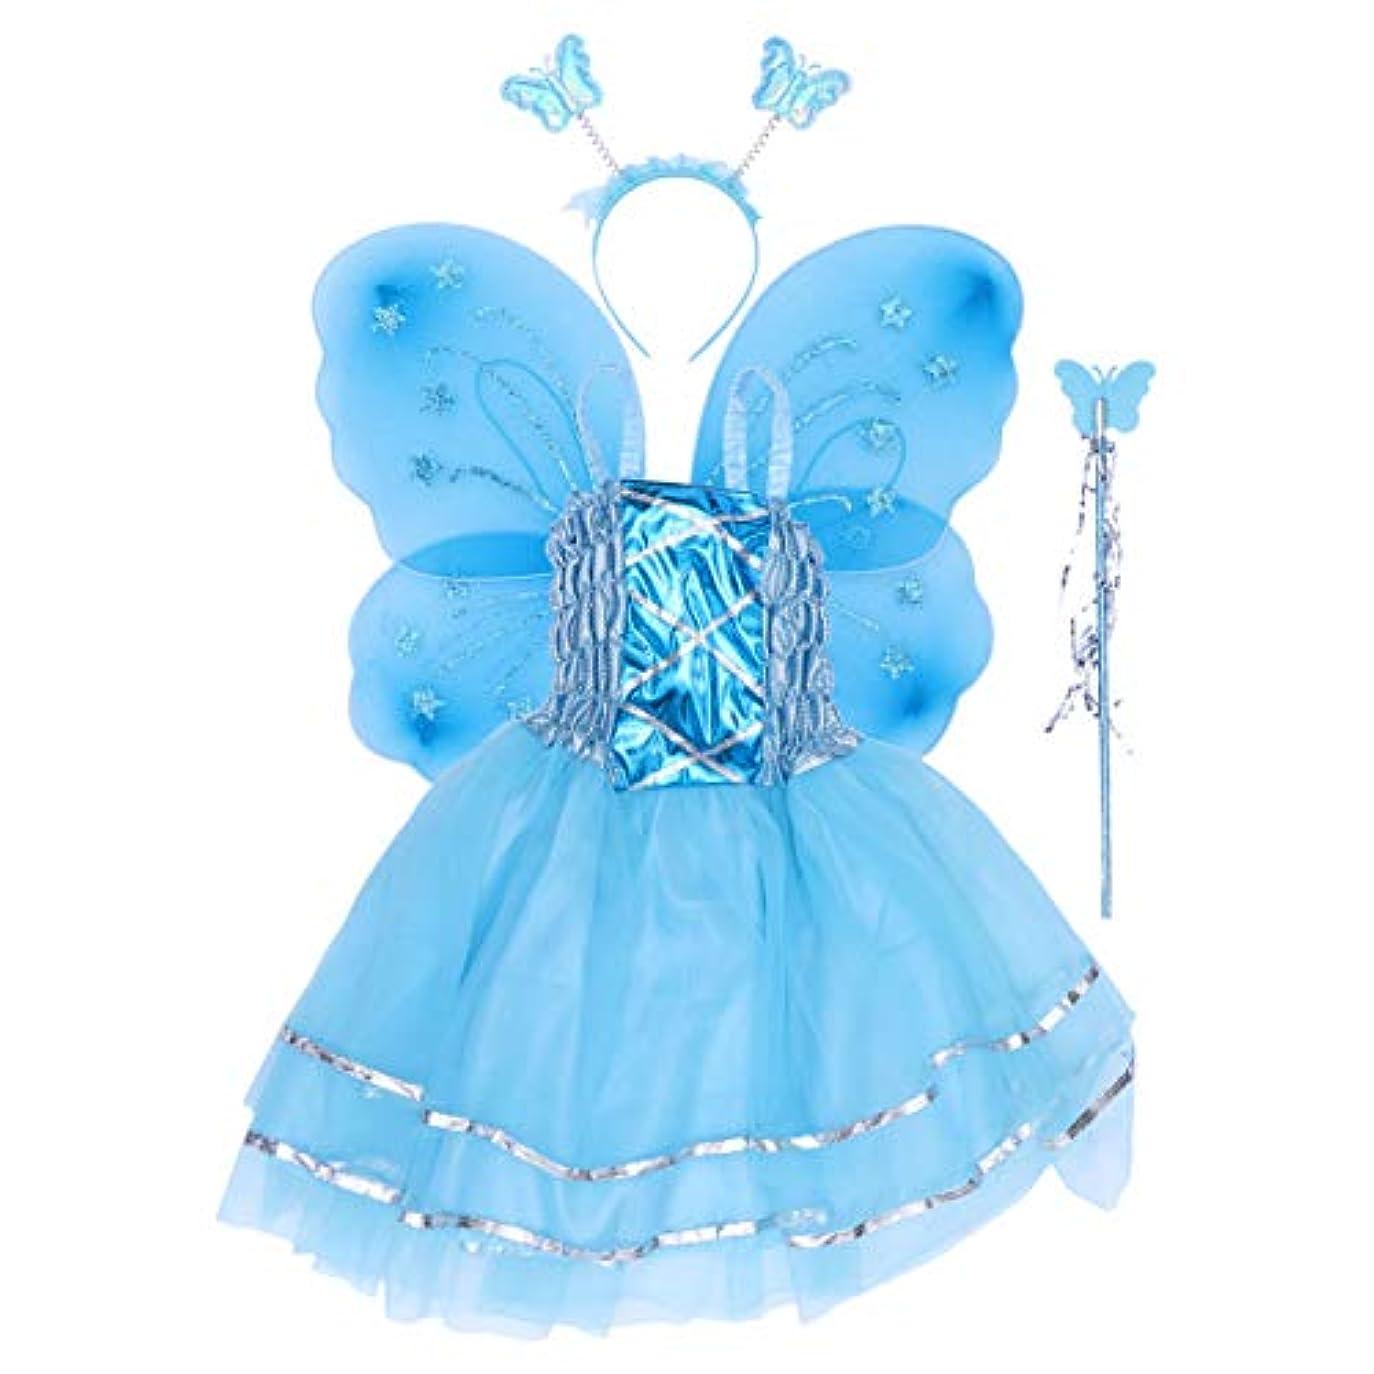 うまくやる()大臣送ったBESTOYARD 蝶の羽、ワンド、ヘッドバンド、ツツードレス(スカイブルー)と4個の女の子バタフライプリンセス妖精のコスチュームセット